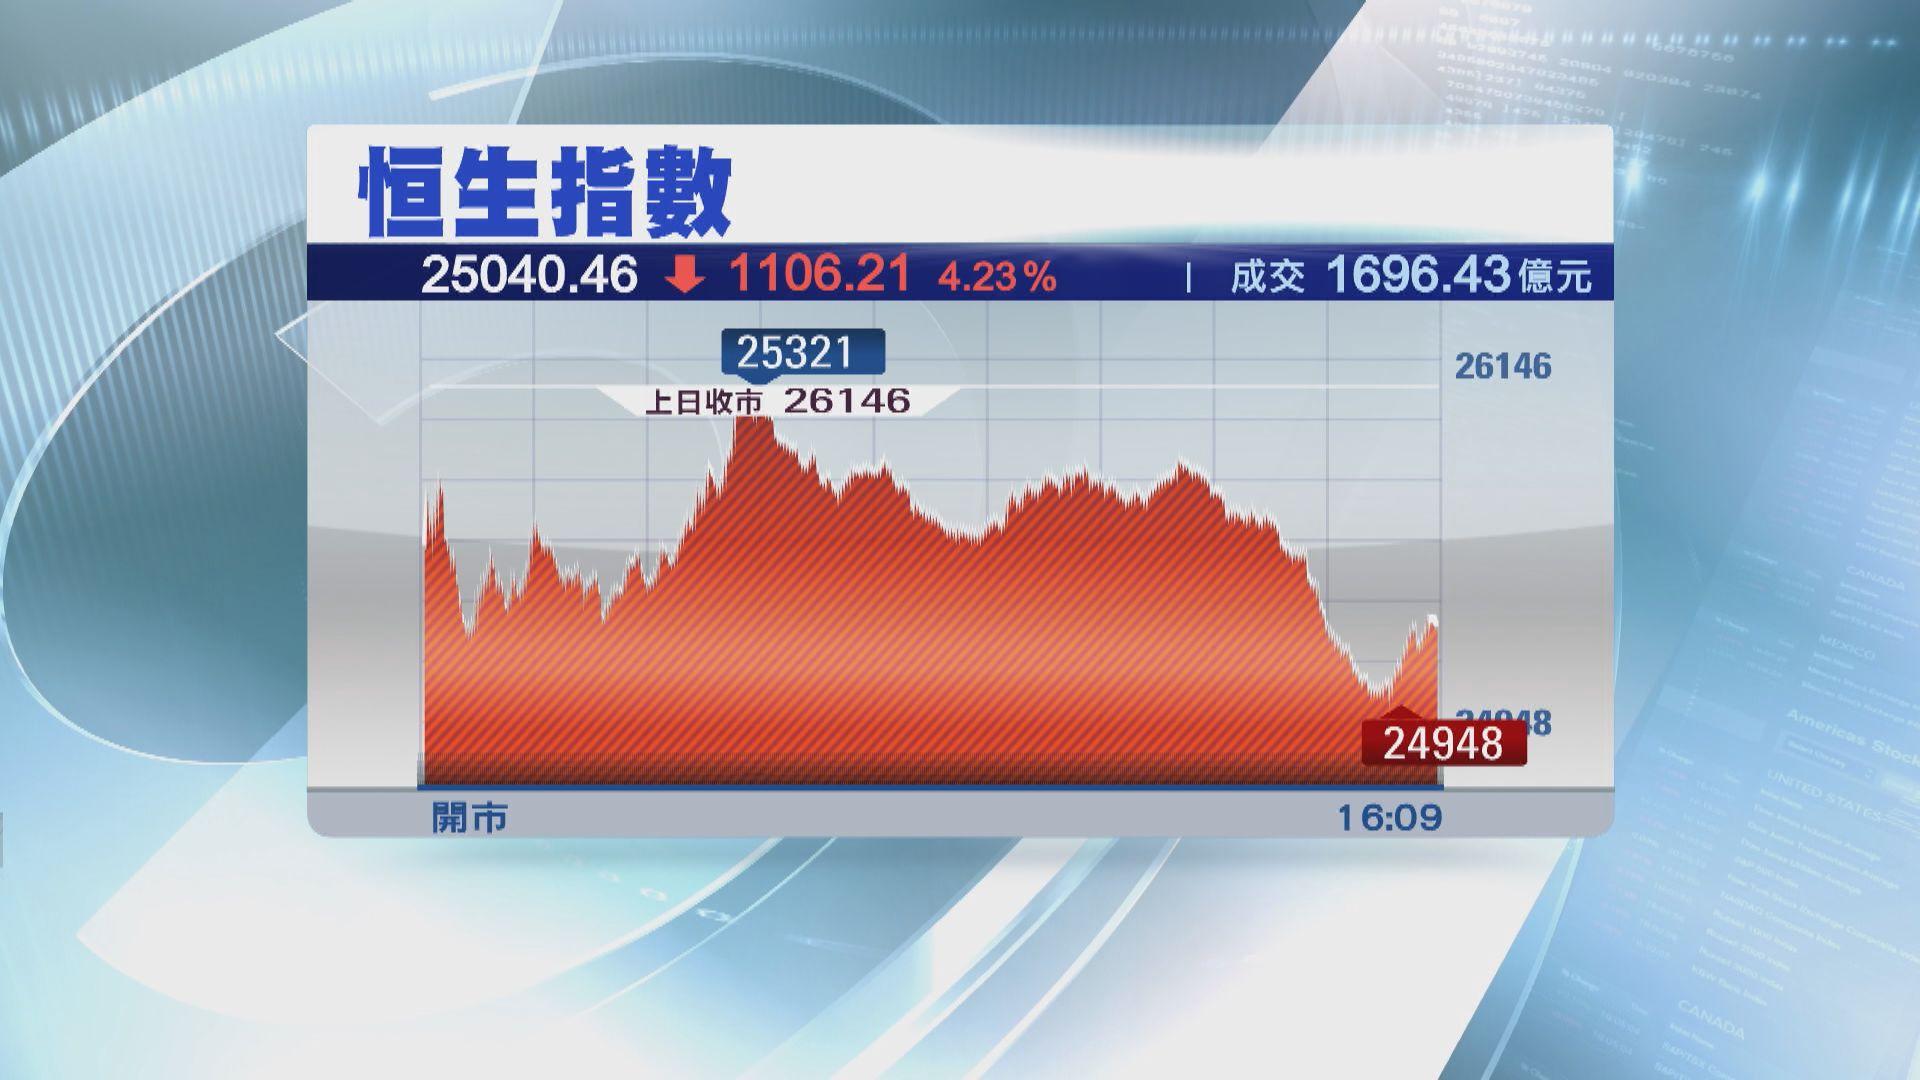 【股市下挫】油價急挫拖累亞太區股市跌 港股跌逾千點